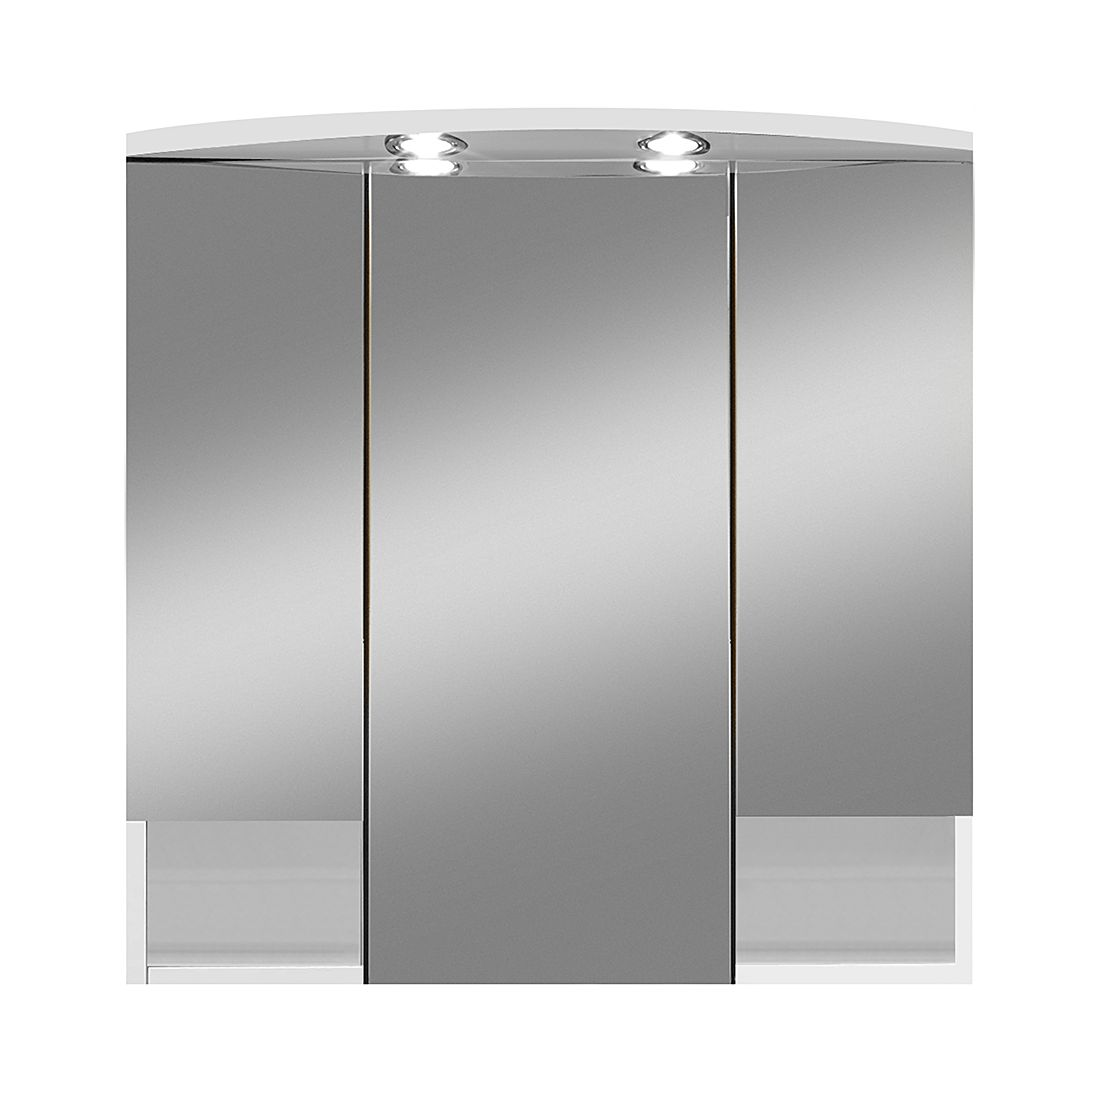 Preisvergleich eu spiegelschrank 70 cm for Spiegelschrank 70